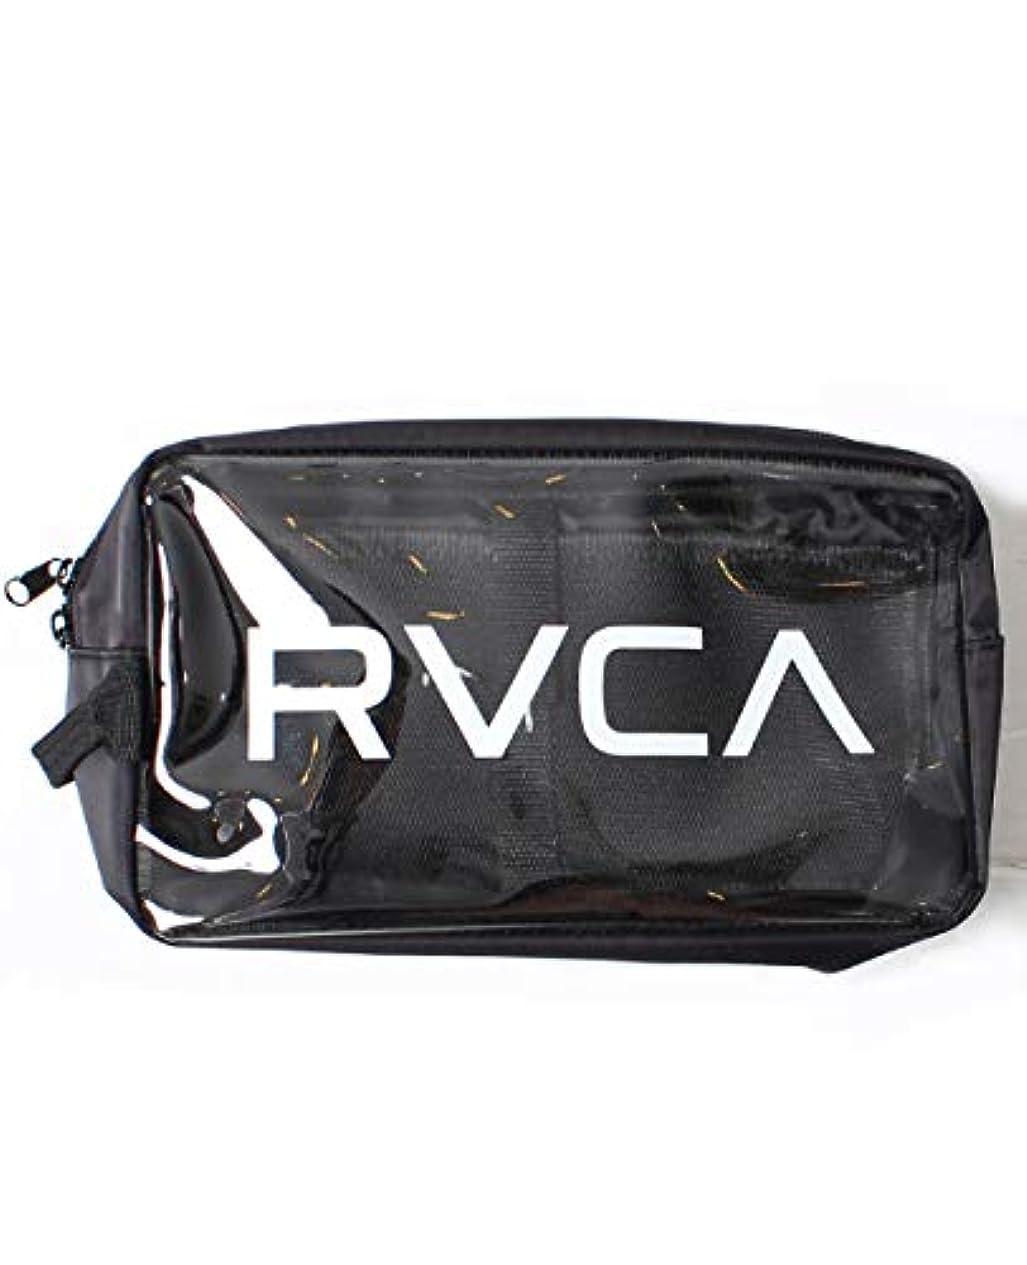 パシフィック征服実現可能RVCA ルーカ クリアポーチ バッグインバッグ フェス メンズ レディース かばん 化粧ポーチ ストリート AJ041-M91